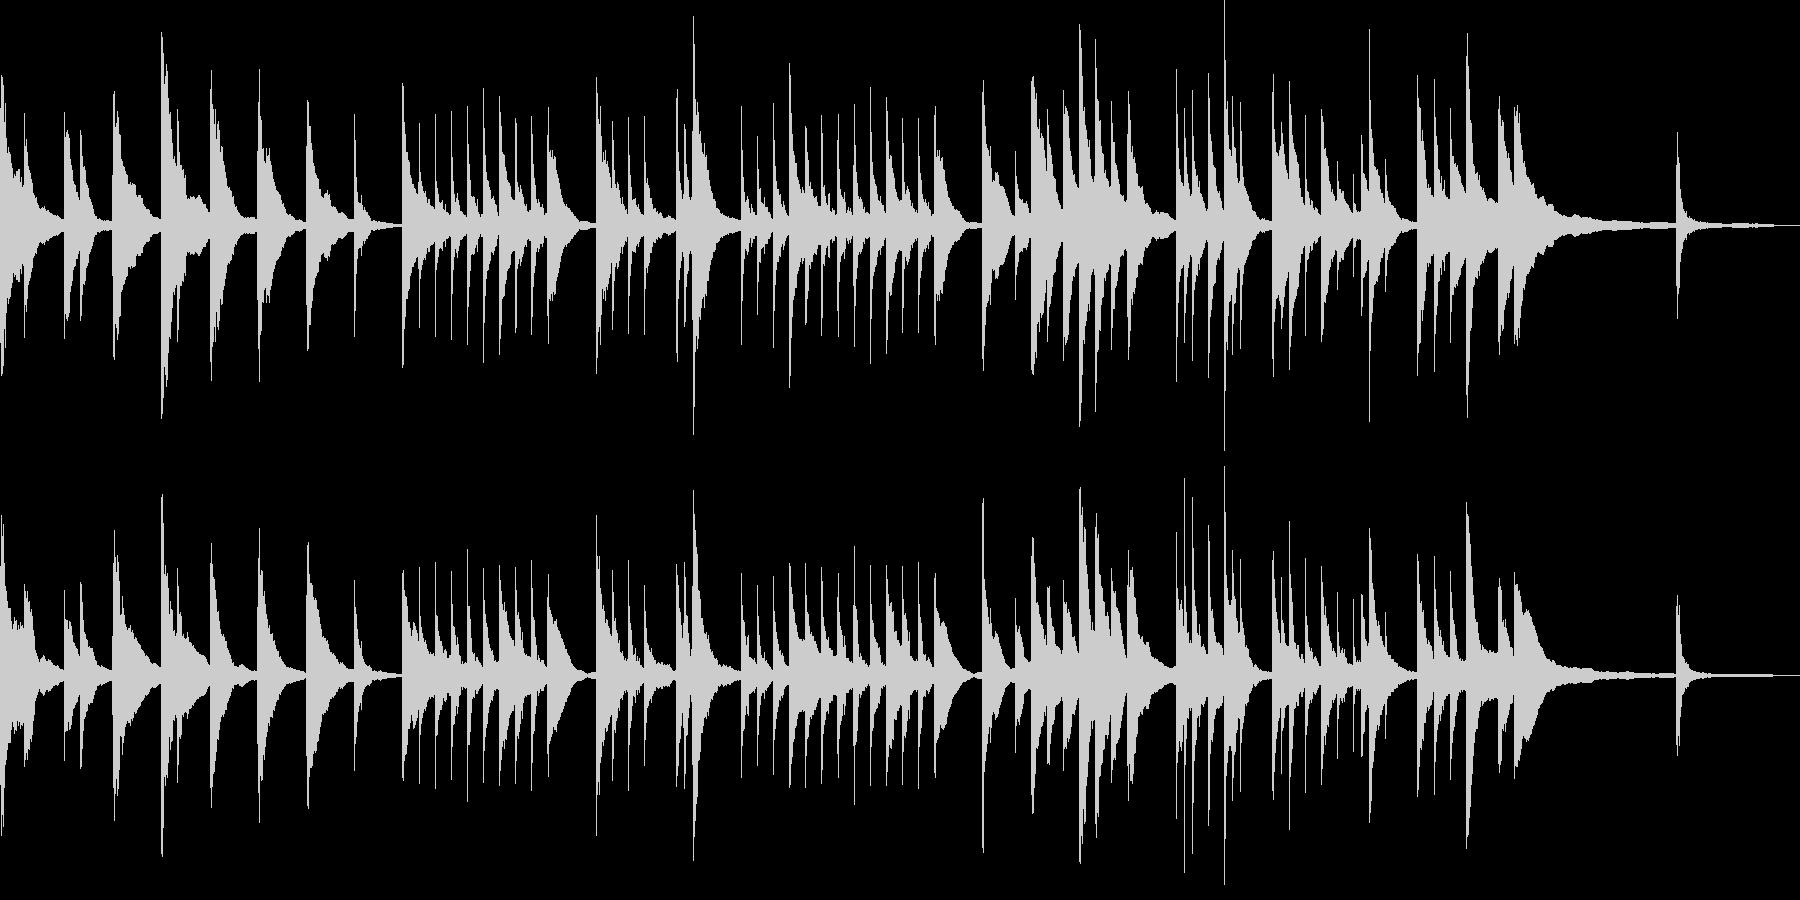 静かなアコースティックギターとピアノの未再生の波形